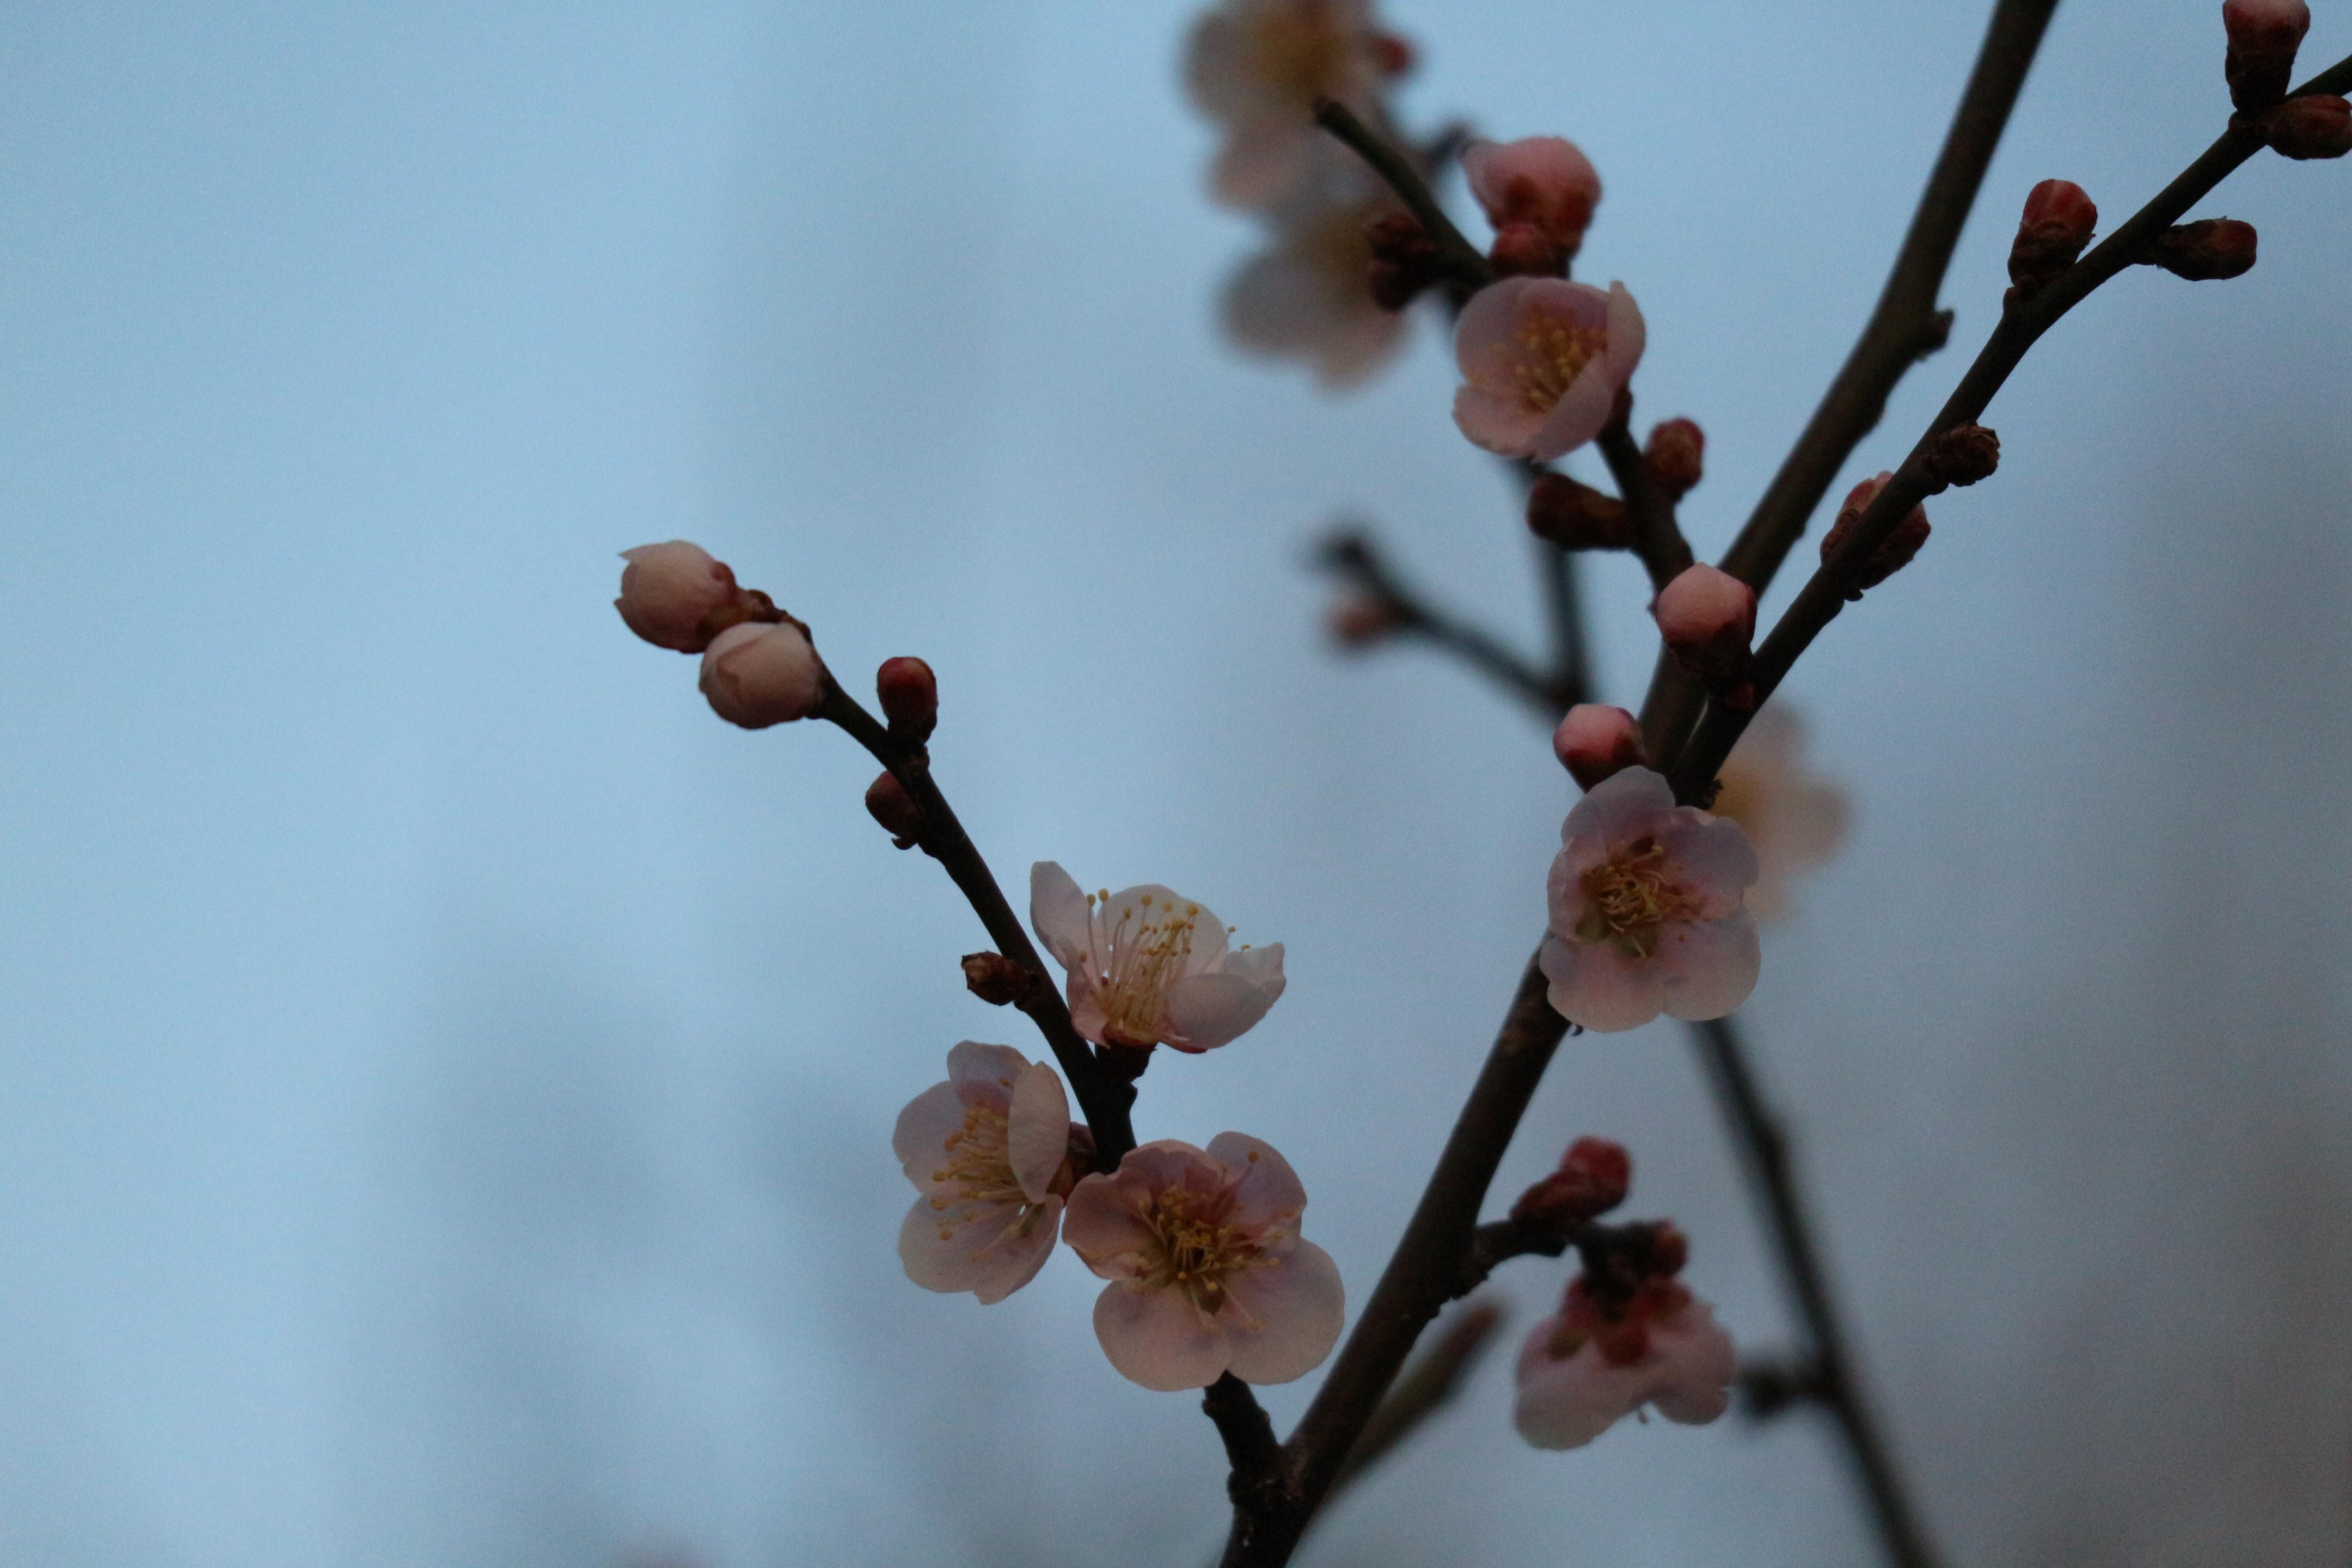 松本城の梅も咲き始め春の足音が聴こえる夕暮れのまつもと